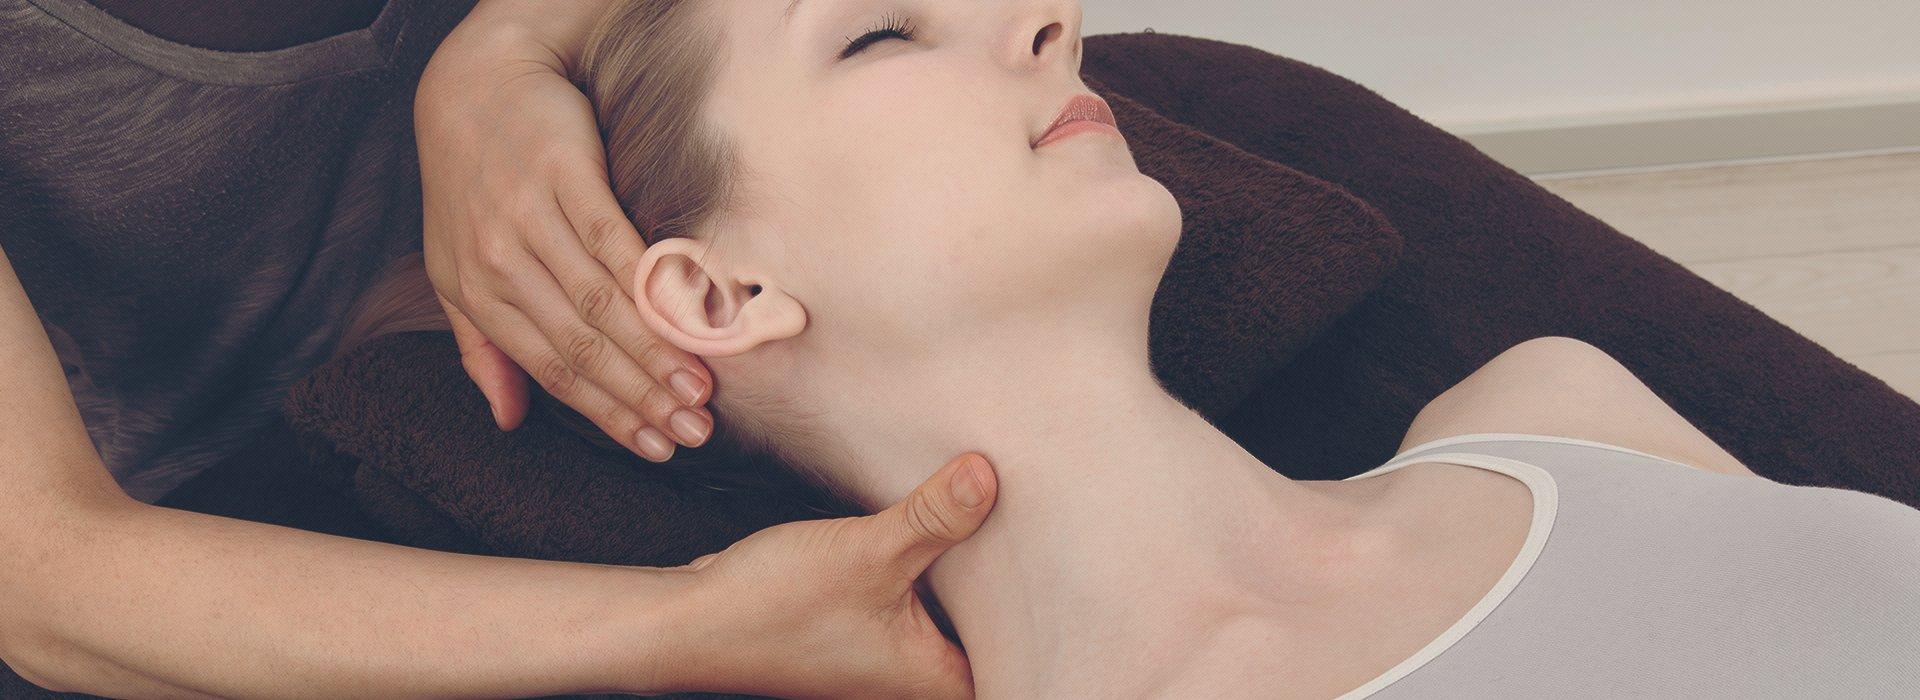 body pampering